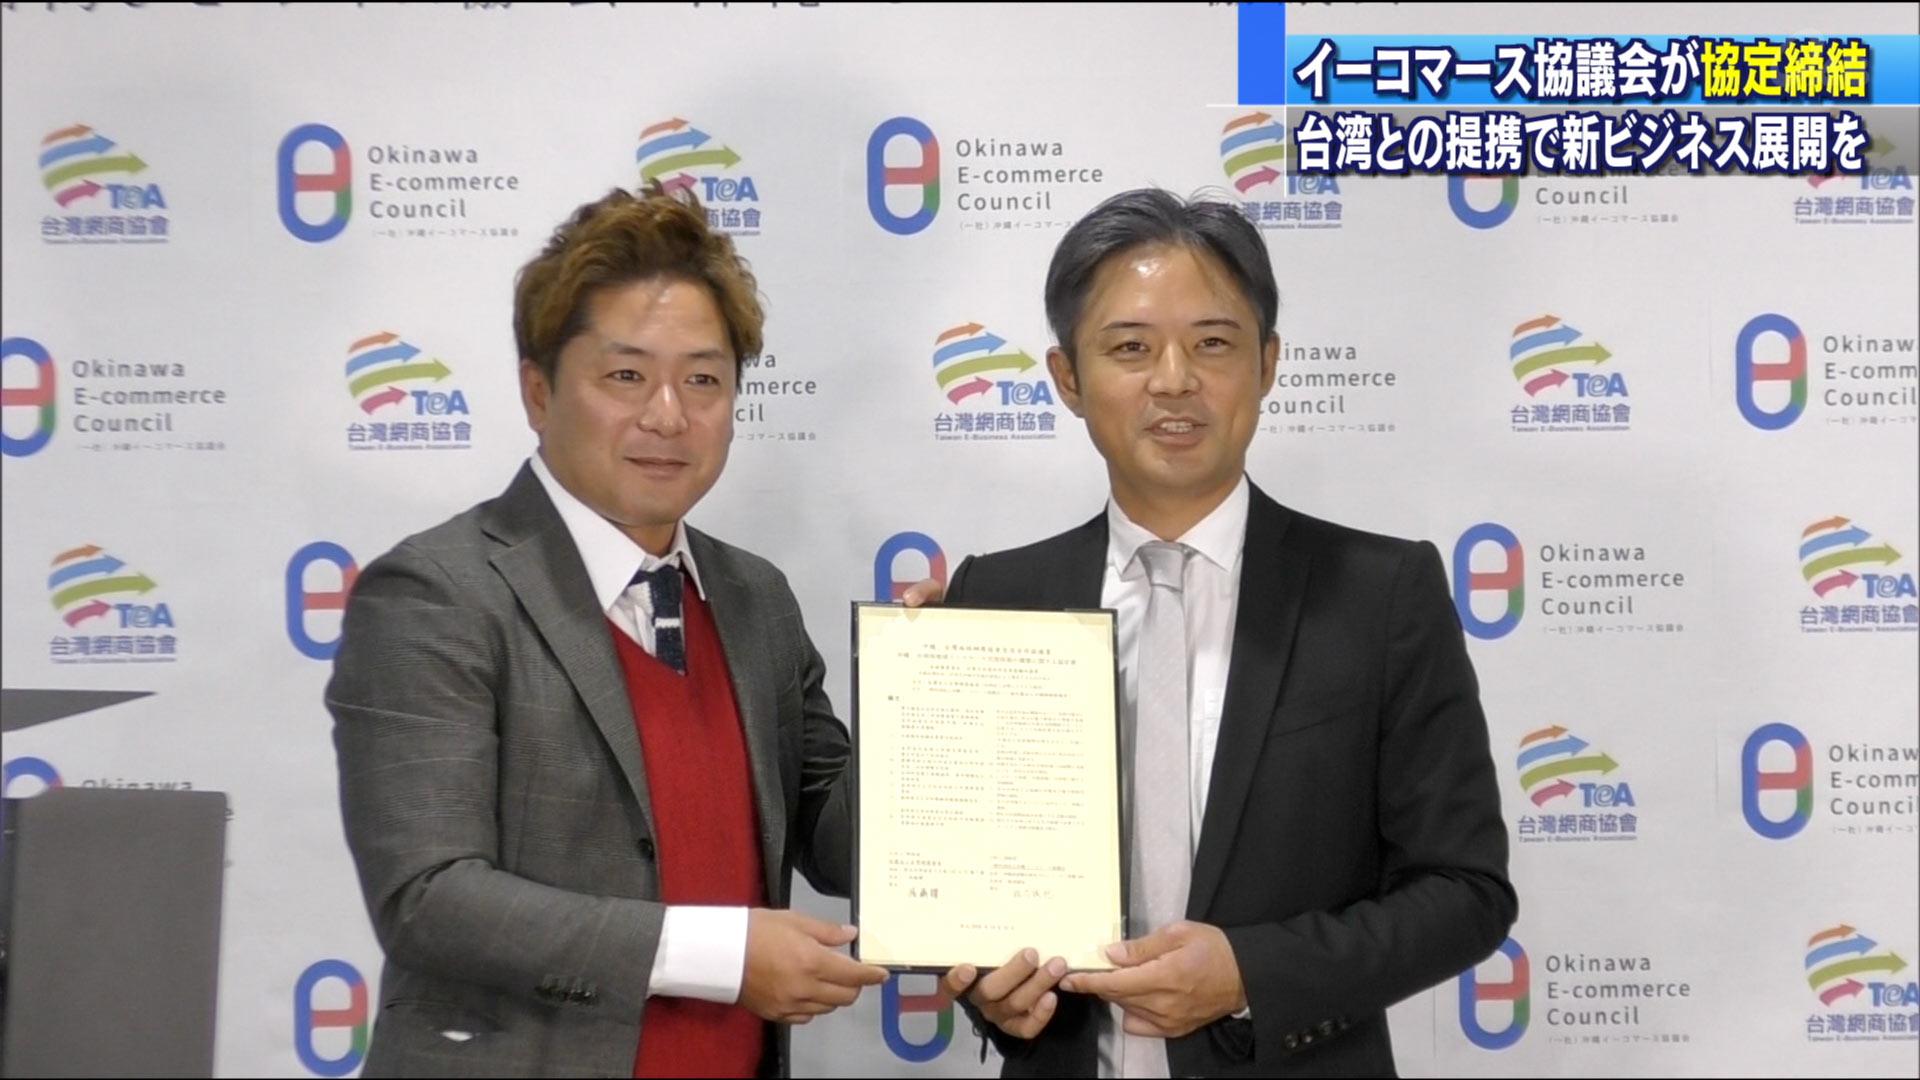 沖縄イーコマース協議会が台湾の協会と協定締結